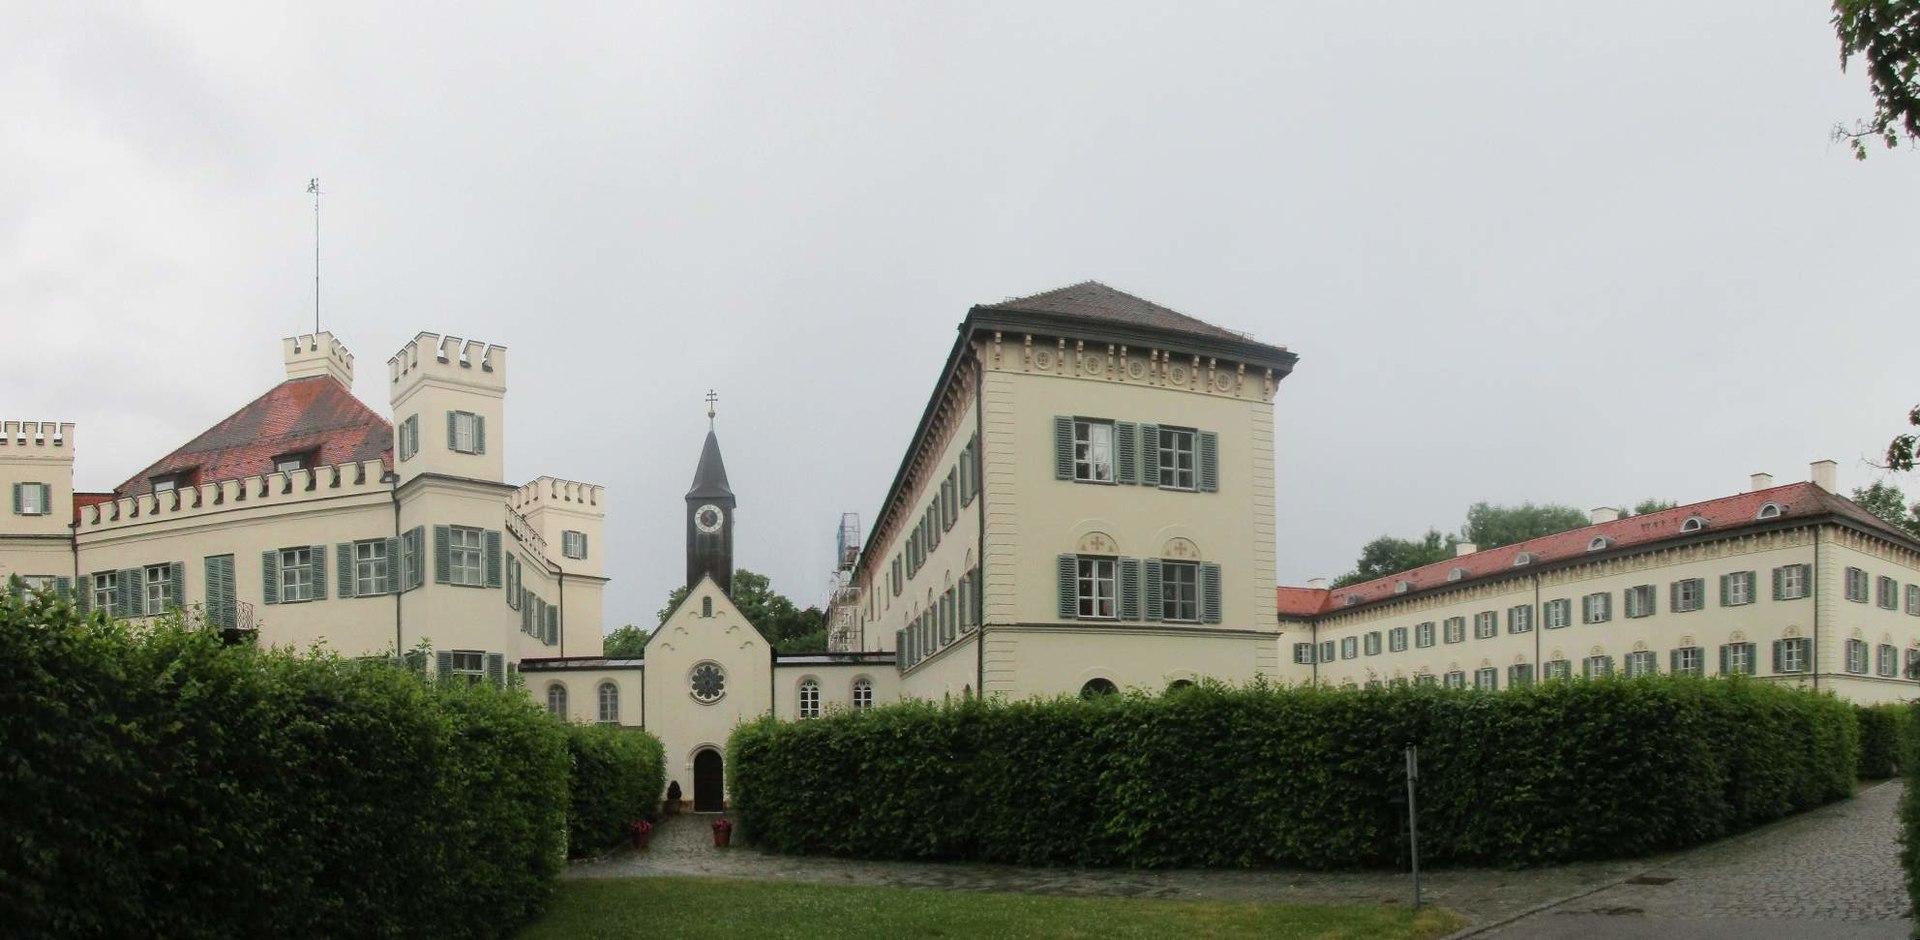 1920px-Ch%C3%A2teau_de_Possenhofen_011.jpg